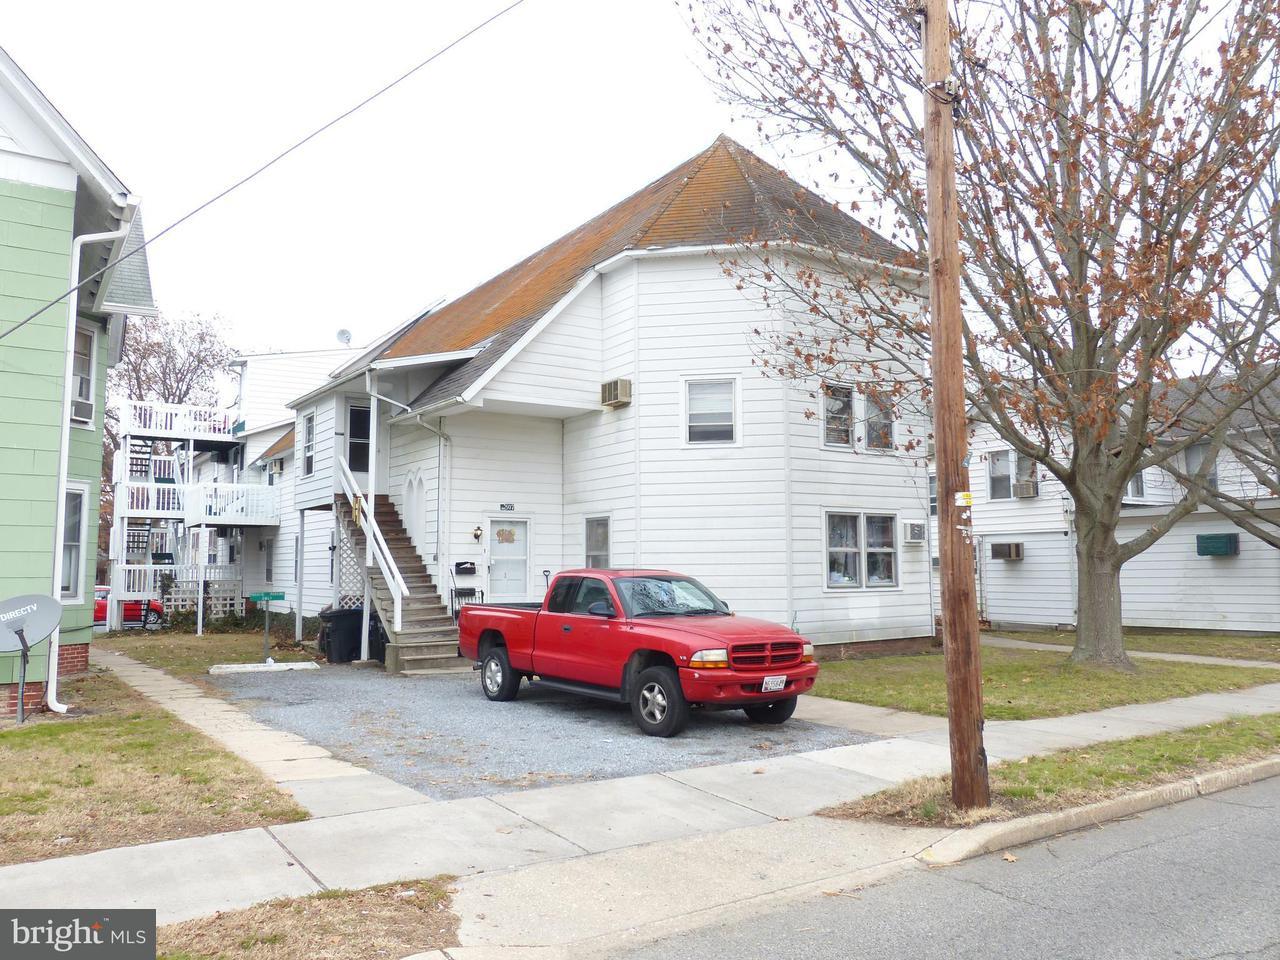 二世帯住宅 のために 売買 アット 507 Market Street 507 Market Street Denton, メリーランド 21629 アメリカ合衆国